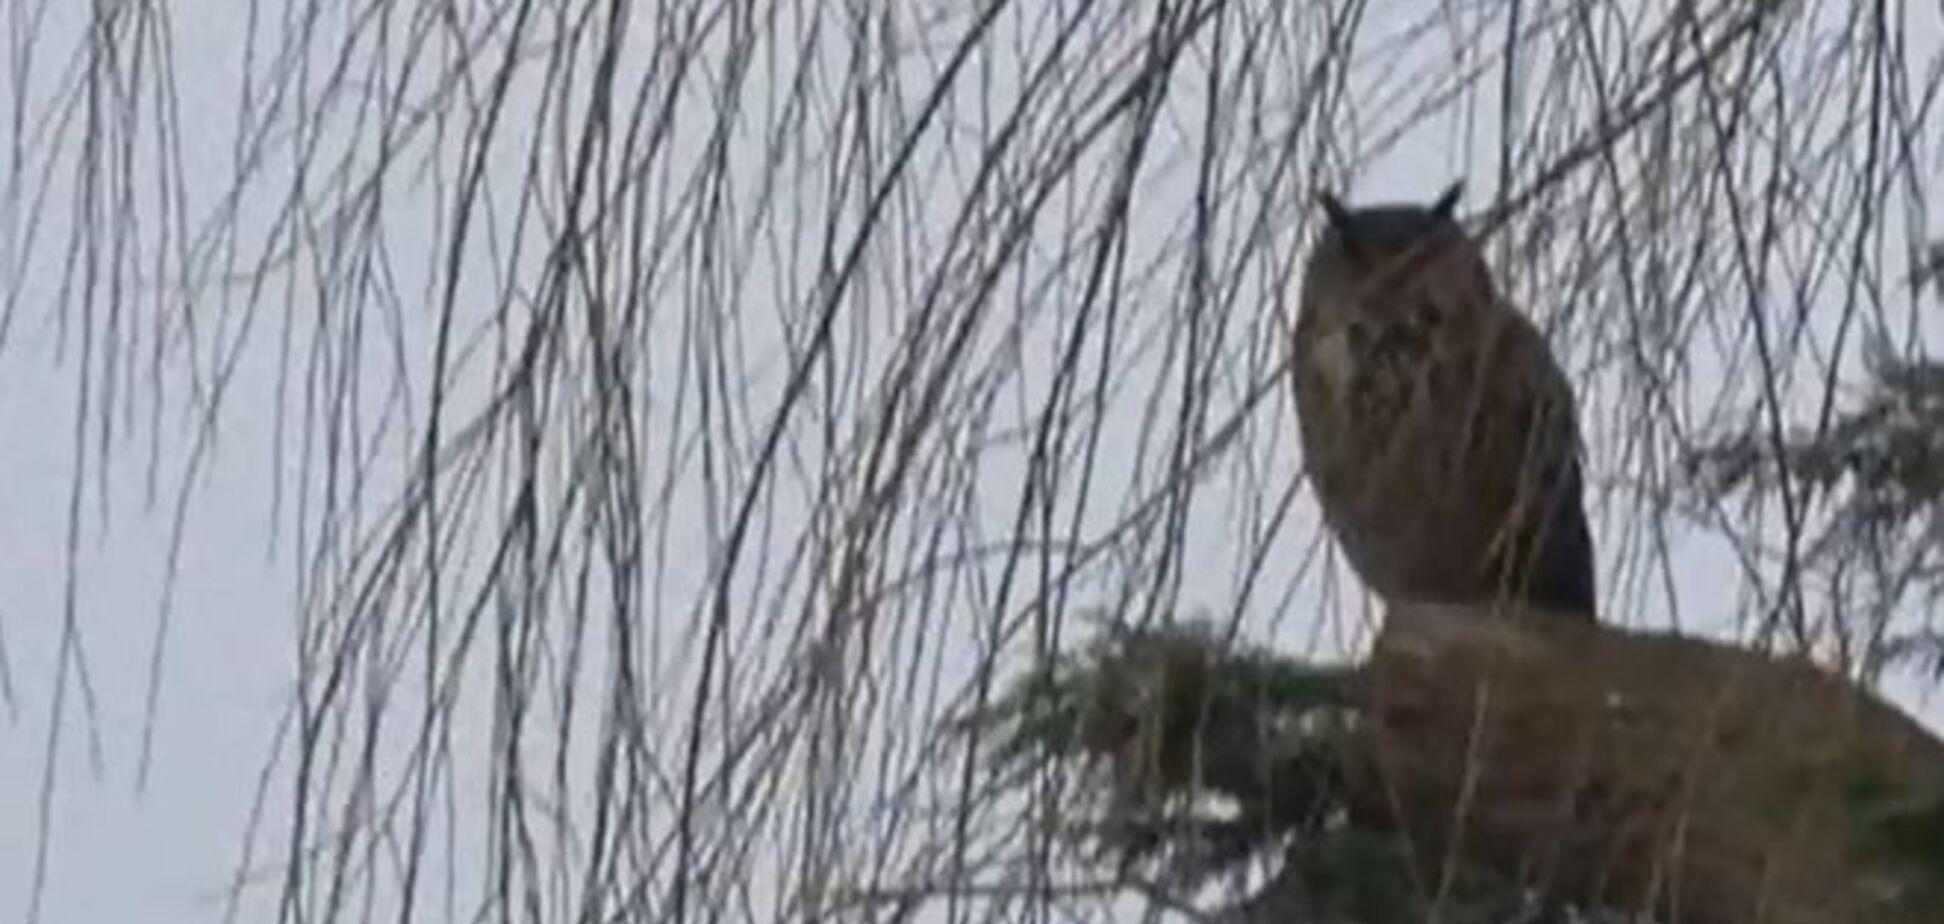 Летающий 'террорист' нападает на жителей Голландии: видеорепортаж